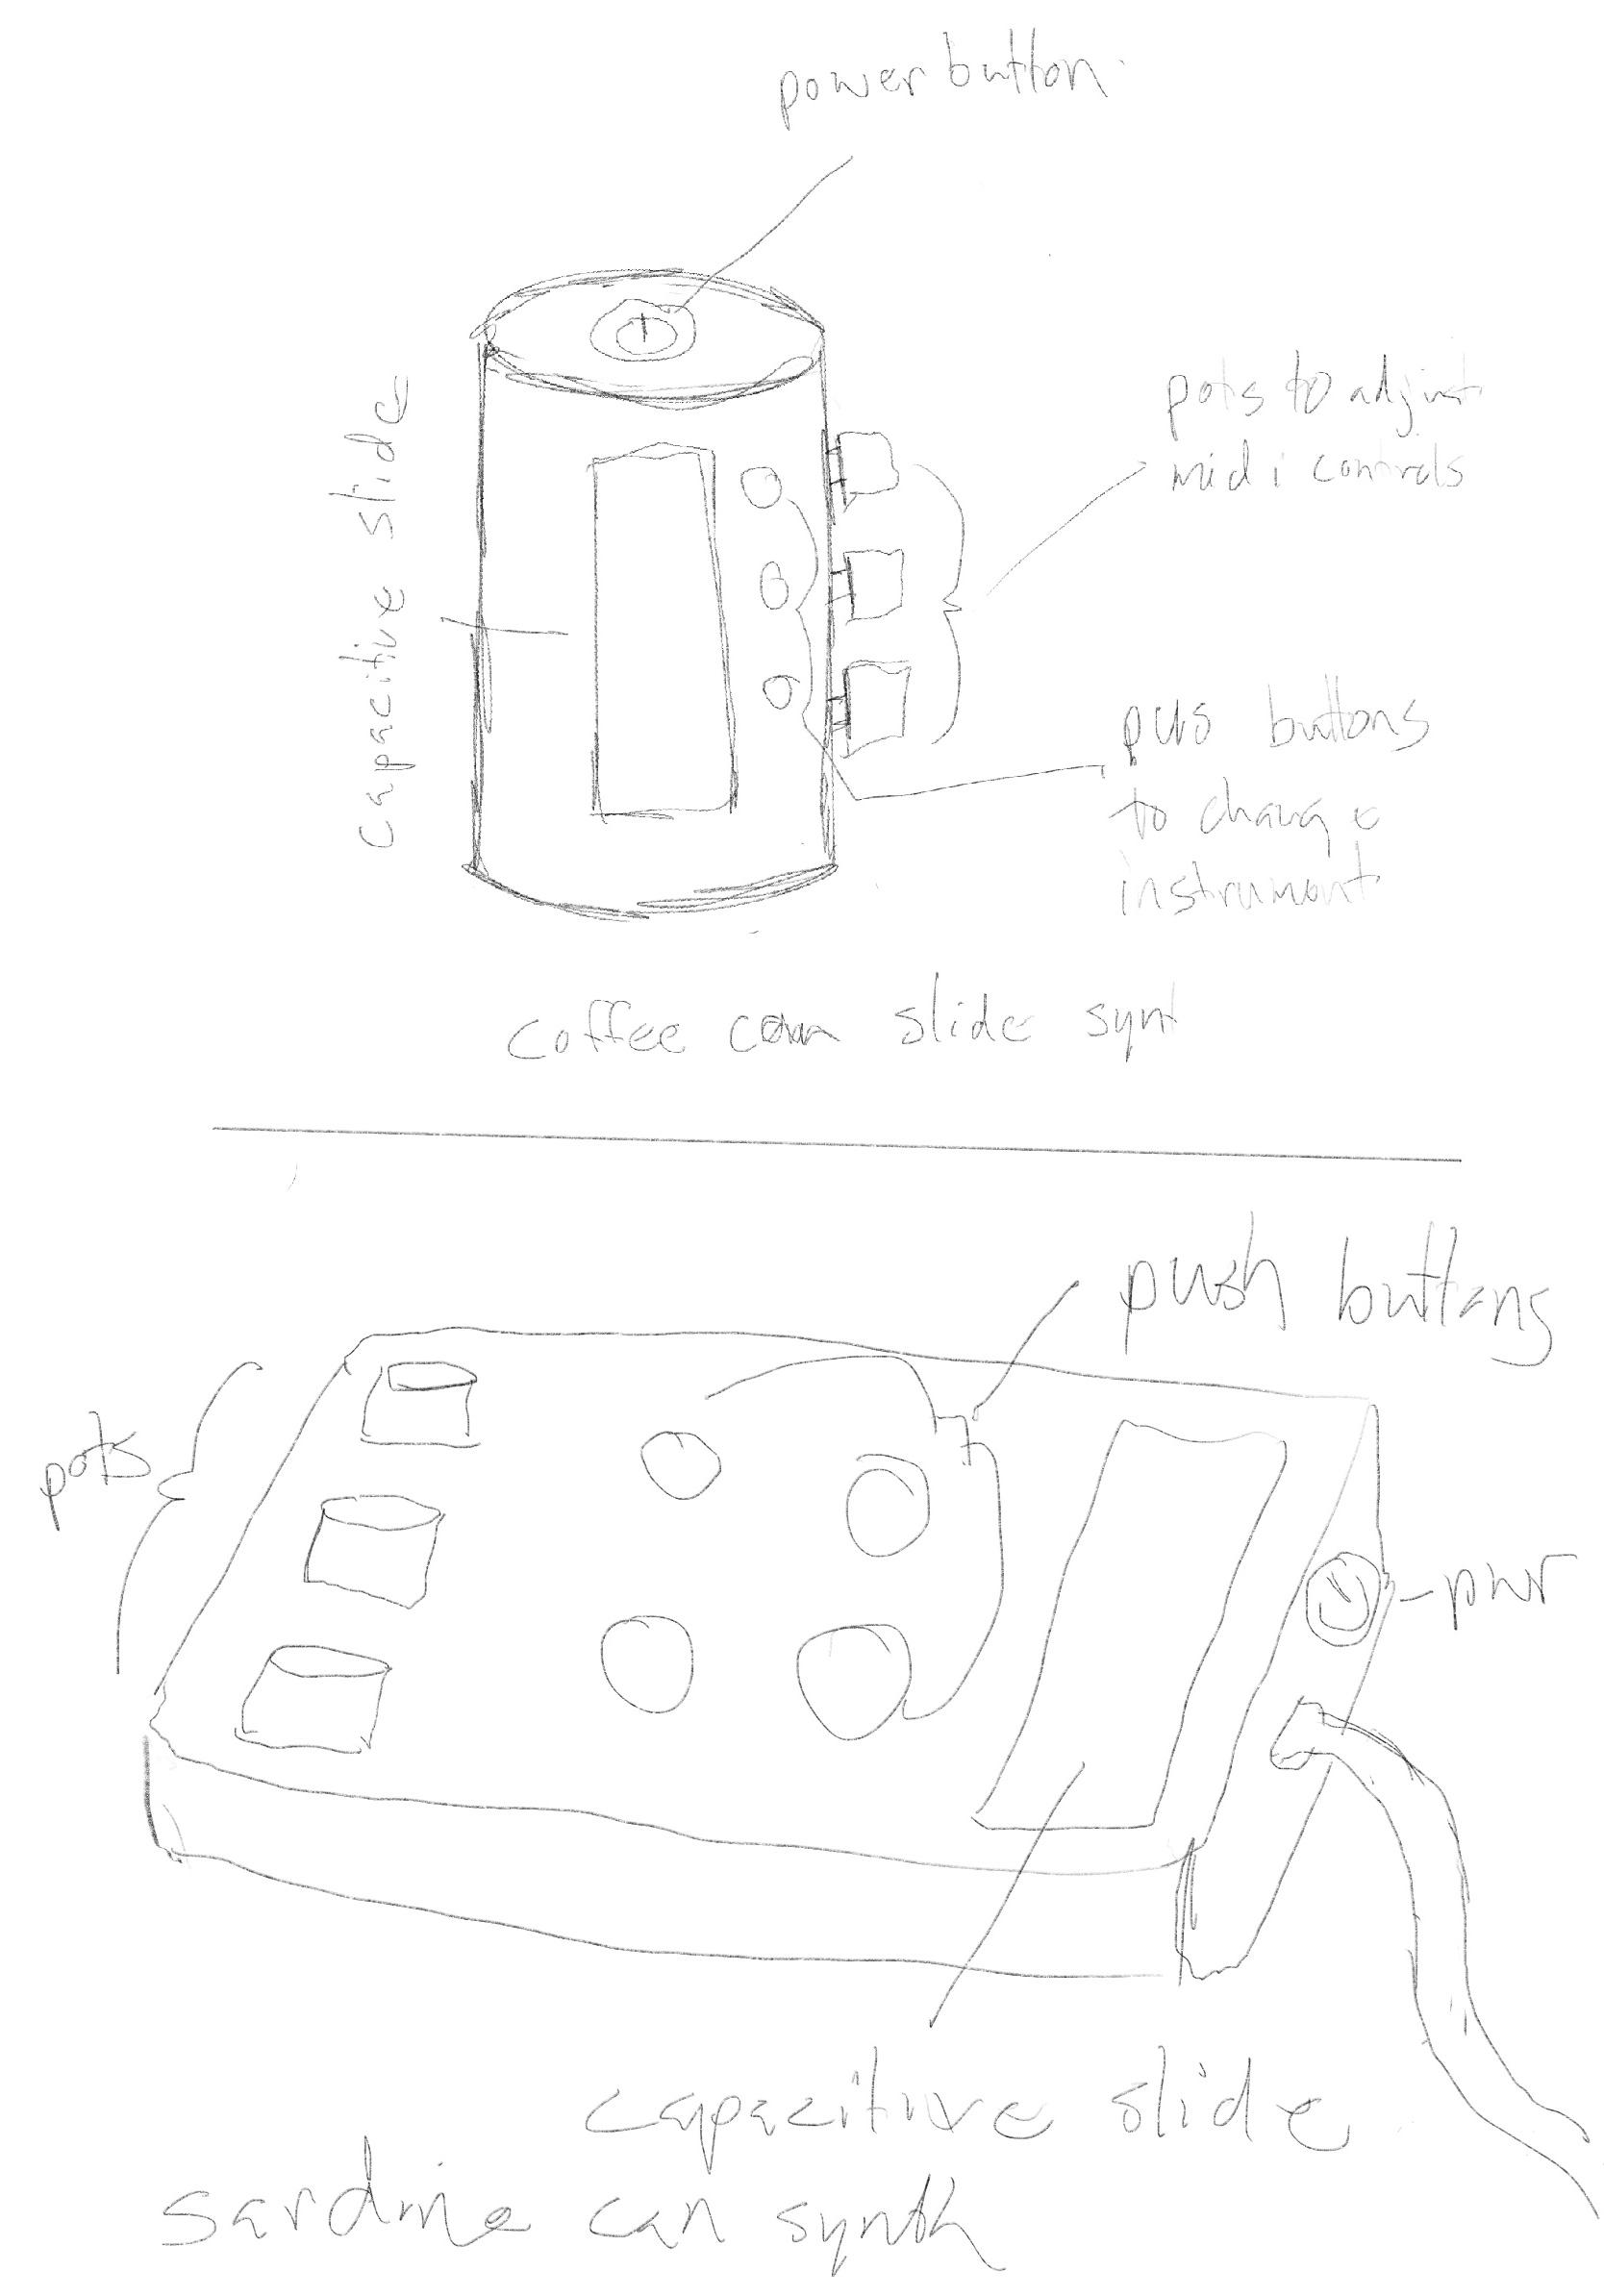 Instrument sketches